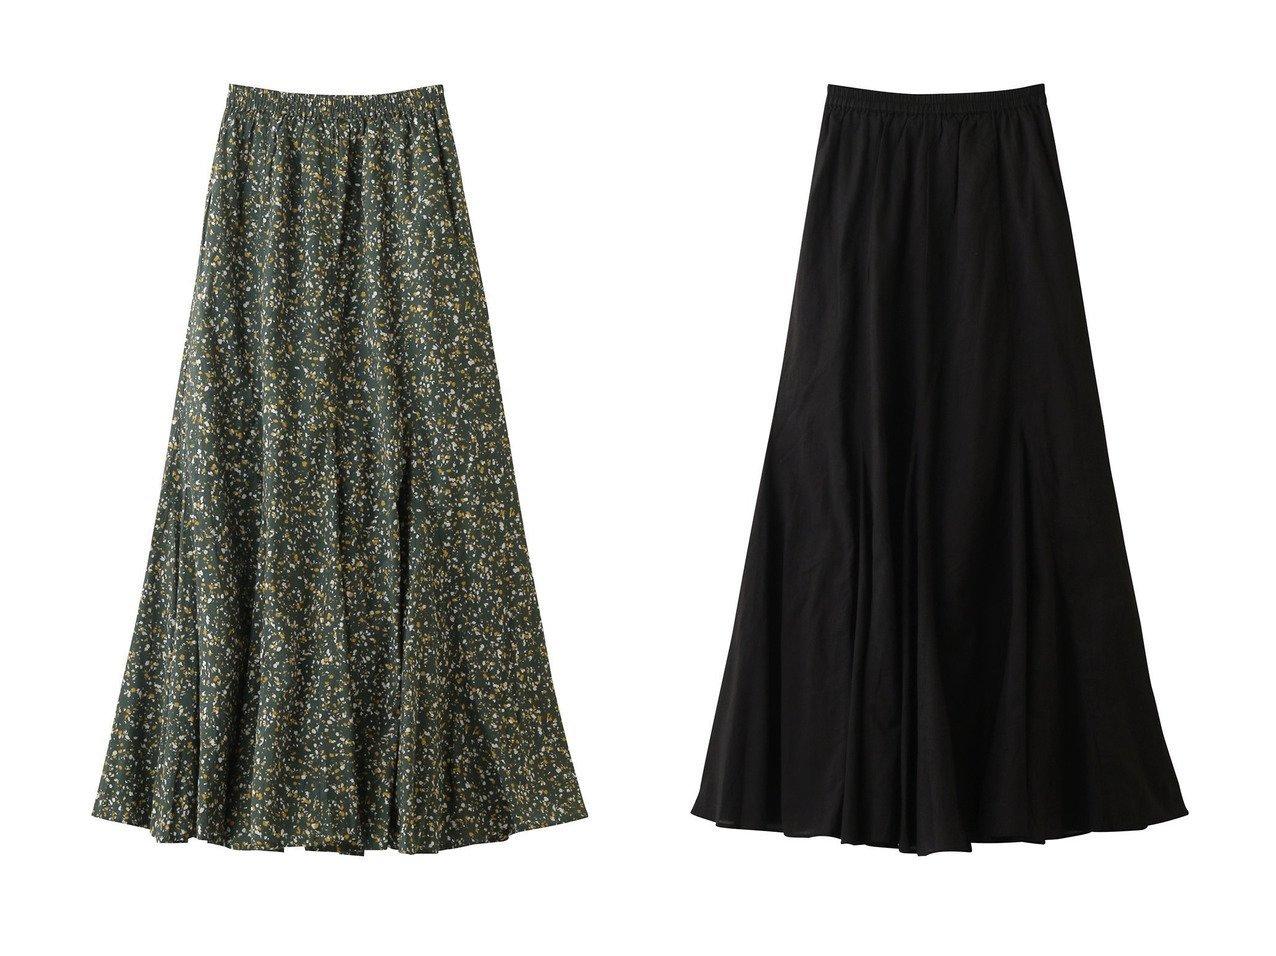 【allureville/アルアバイル】の【MARIHA】マーメイドスカート&【MARIHA】マーメイドスカート 【スカート】おすすめ!人気、トレンド・レディースファッションの通販 おすすめで人気の流行・トレンド、ファッションの通販商品 インテリア・家具・メンズファッション・キッズファッション・レディースファッション・服の通販 founy(ファニー) https://founy.com/ ファッション Fashion レディースファッション WOMEN スカート Skirt ロングスカート Long Skirt 2020年 2020 2020-2021秋冬・A/W AW・Autumn/Winter・FW・Fall-Winter/2020-2021 2021年 2021 2021-2022秋冬・A/W AW・Autumn/Winter・FW・Fall-Winter・2021-2022 A/W・秋冬 AW・Autumn/Winter・FW・Fall-Winter シアー プリント マーメイド ロング |ID:crp329100000056311